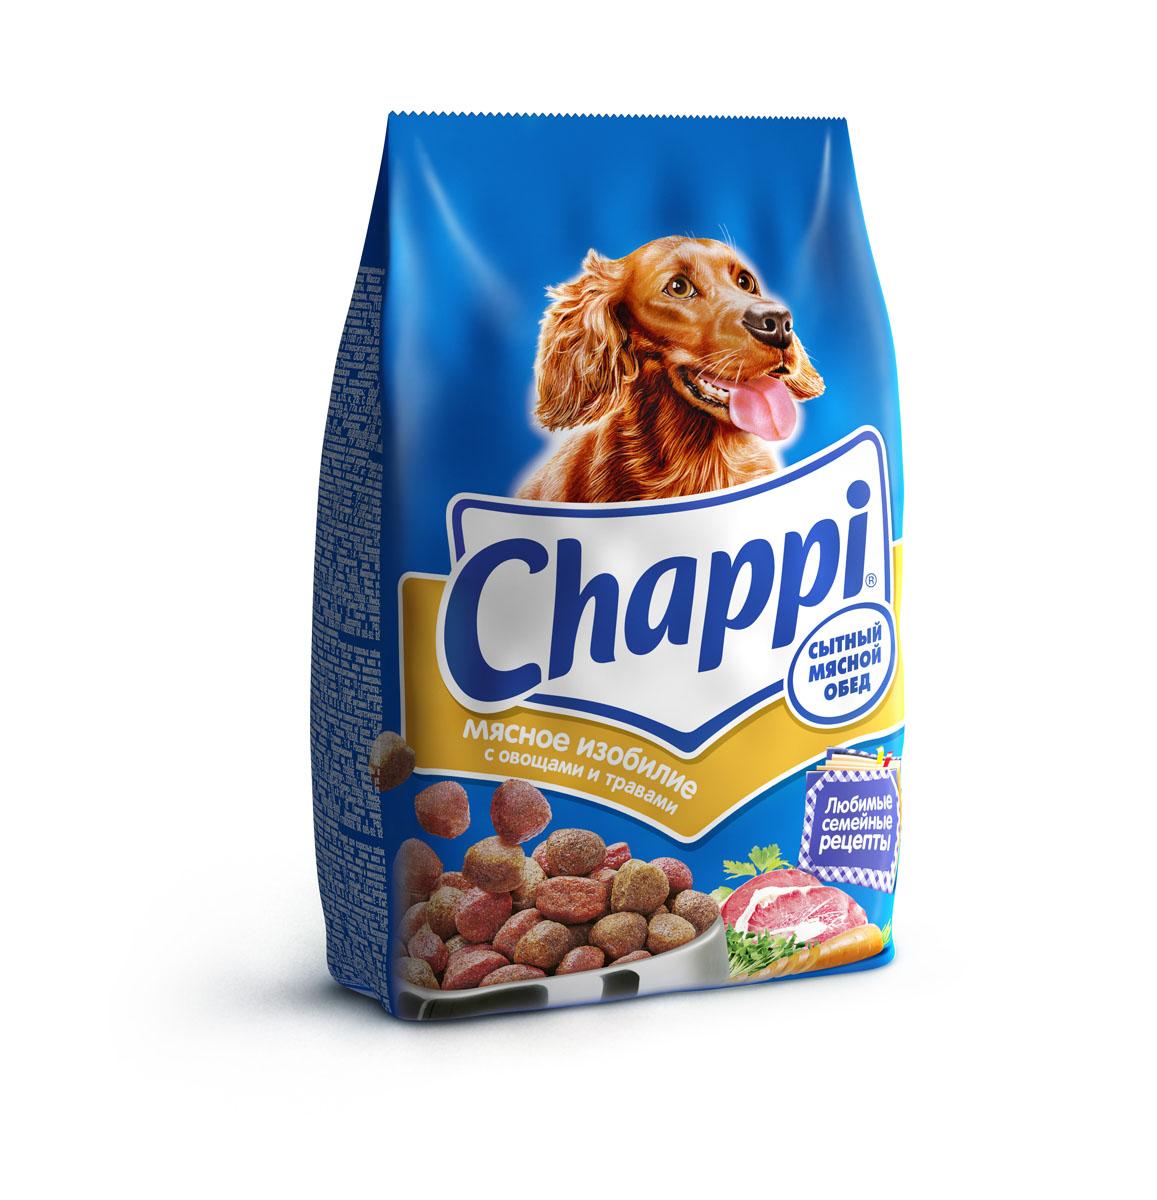 Корм сухой для собак Chappi Сытный мясной обед, мясное изобилие с овощами и травами, 600 г0120710Сухой корм Chappi Сытный мясной обед - это специально разработанная еда для собак с оптимально сбалансированным содержанием белков, витаминов и микроэлементов.Уникальная формула Chappi включает в себя все необходимые для здоровья компоненты: - мясо - для силы и энергии в течение дня; - овощи, травы и злаки - для отличного пищеварения; - масла и жиры - для блестящей шерсти и здоровой кожи; - кальций - для крепких зубов и костей; - витамины - для защиты здоровья; - минералы - для подержания собаки в оптимальной форме.Корм Chappi идеально подходит для вашего любимца как надежный источник жизненных сил. Состав: злаки, мясо и субпродукты, жиры животного происхождения, морковь, люцерна, растительные масла, минеральные вещества, витамины.Пищевая ценность в 100 г: белок - 18 г, жиры - 10 г, клетчатка - 7 г, влажность - не более 10 г, зола - 7 г, кальций - 0,8 г, фосфор - 0,6 г, витамин А - 500 МЕ, витамин D - 50 МЕ, витамин Е - 8 мг, витамины В2, В12, пантотеновая и никотиновая кислоты.Энергетическая ценность в 100 г: 350 ккал.Вес: 600 г.Товар сертифицирован.